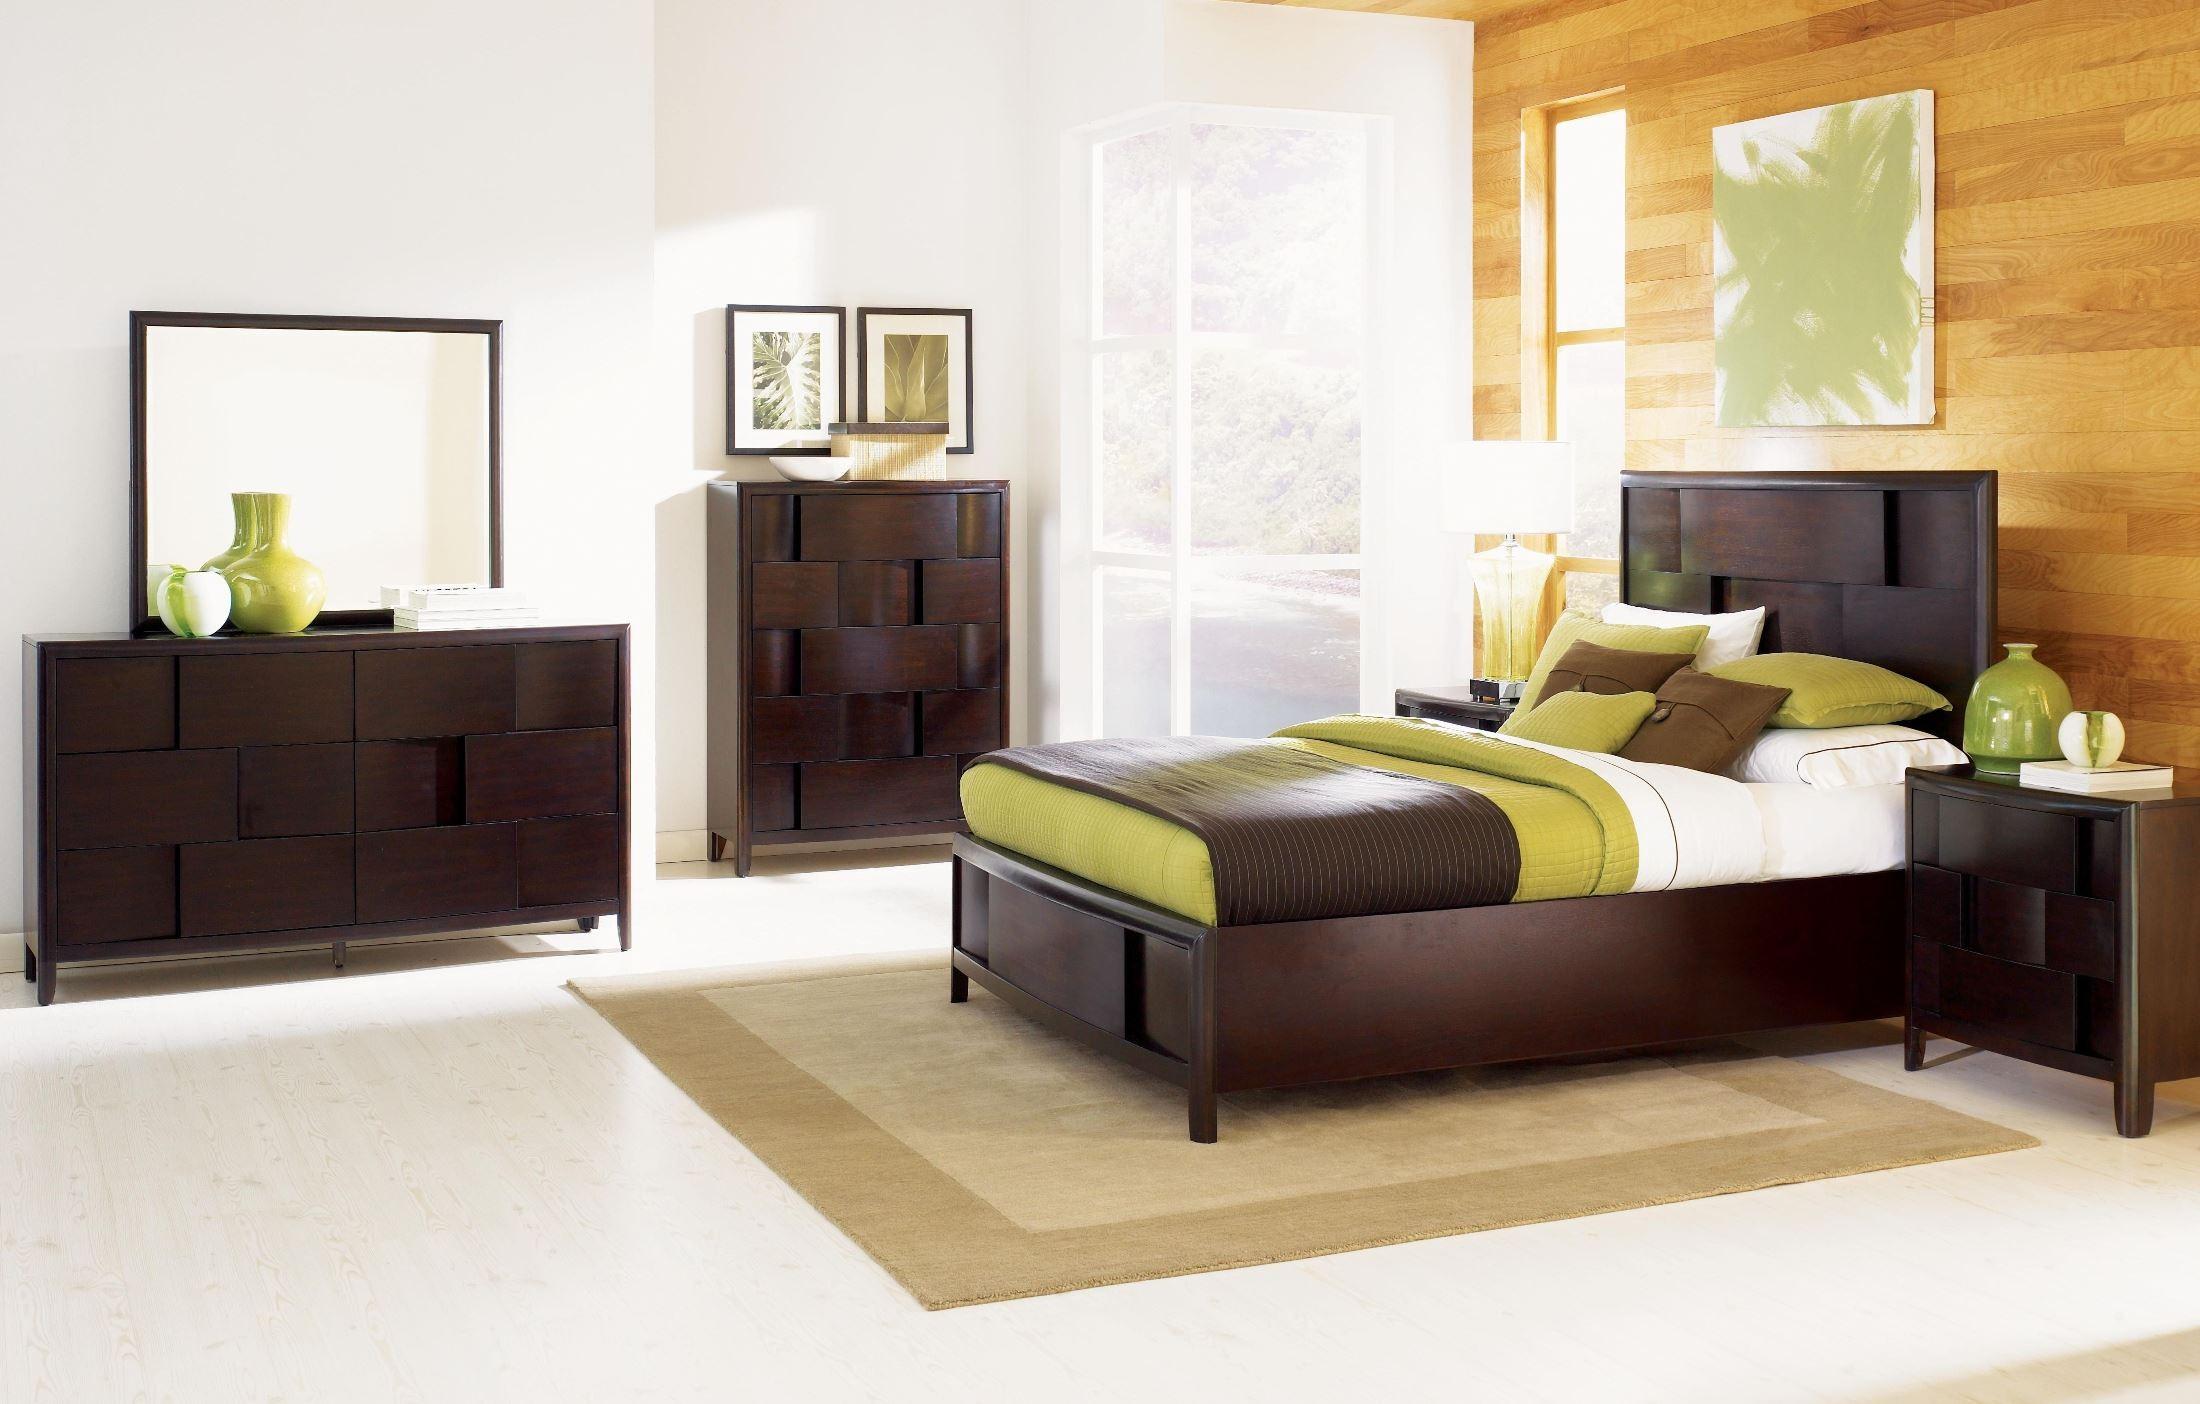 Magnussen Nova Bedroom Set Nova Queen Island Bed From Magnussen Home B1428 50h 50f